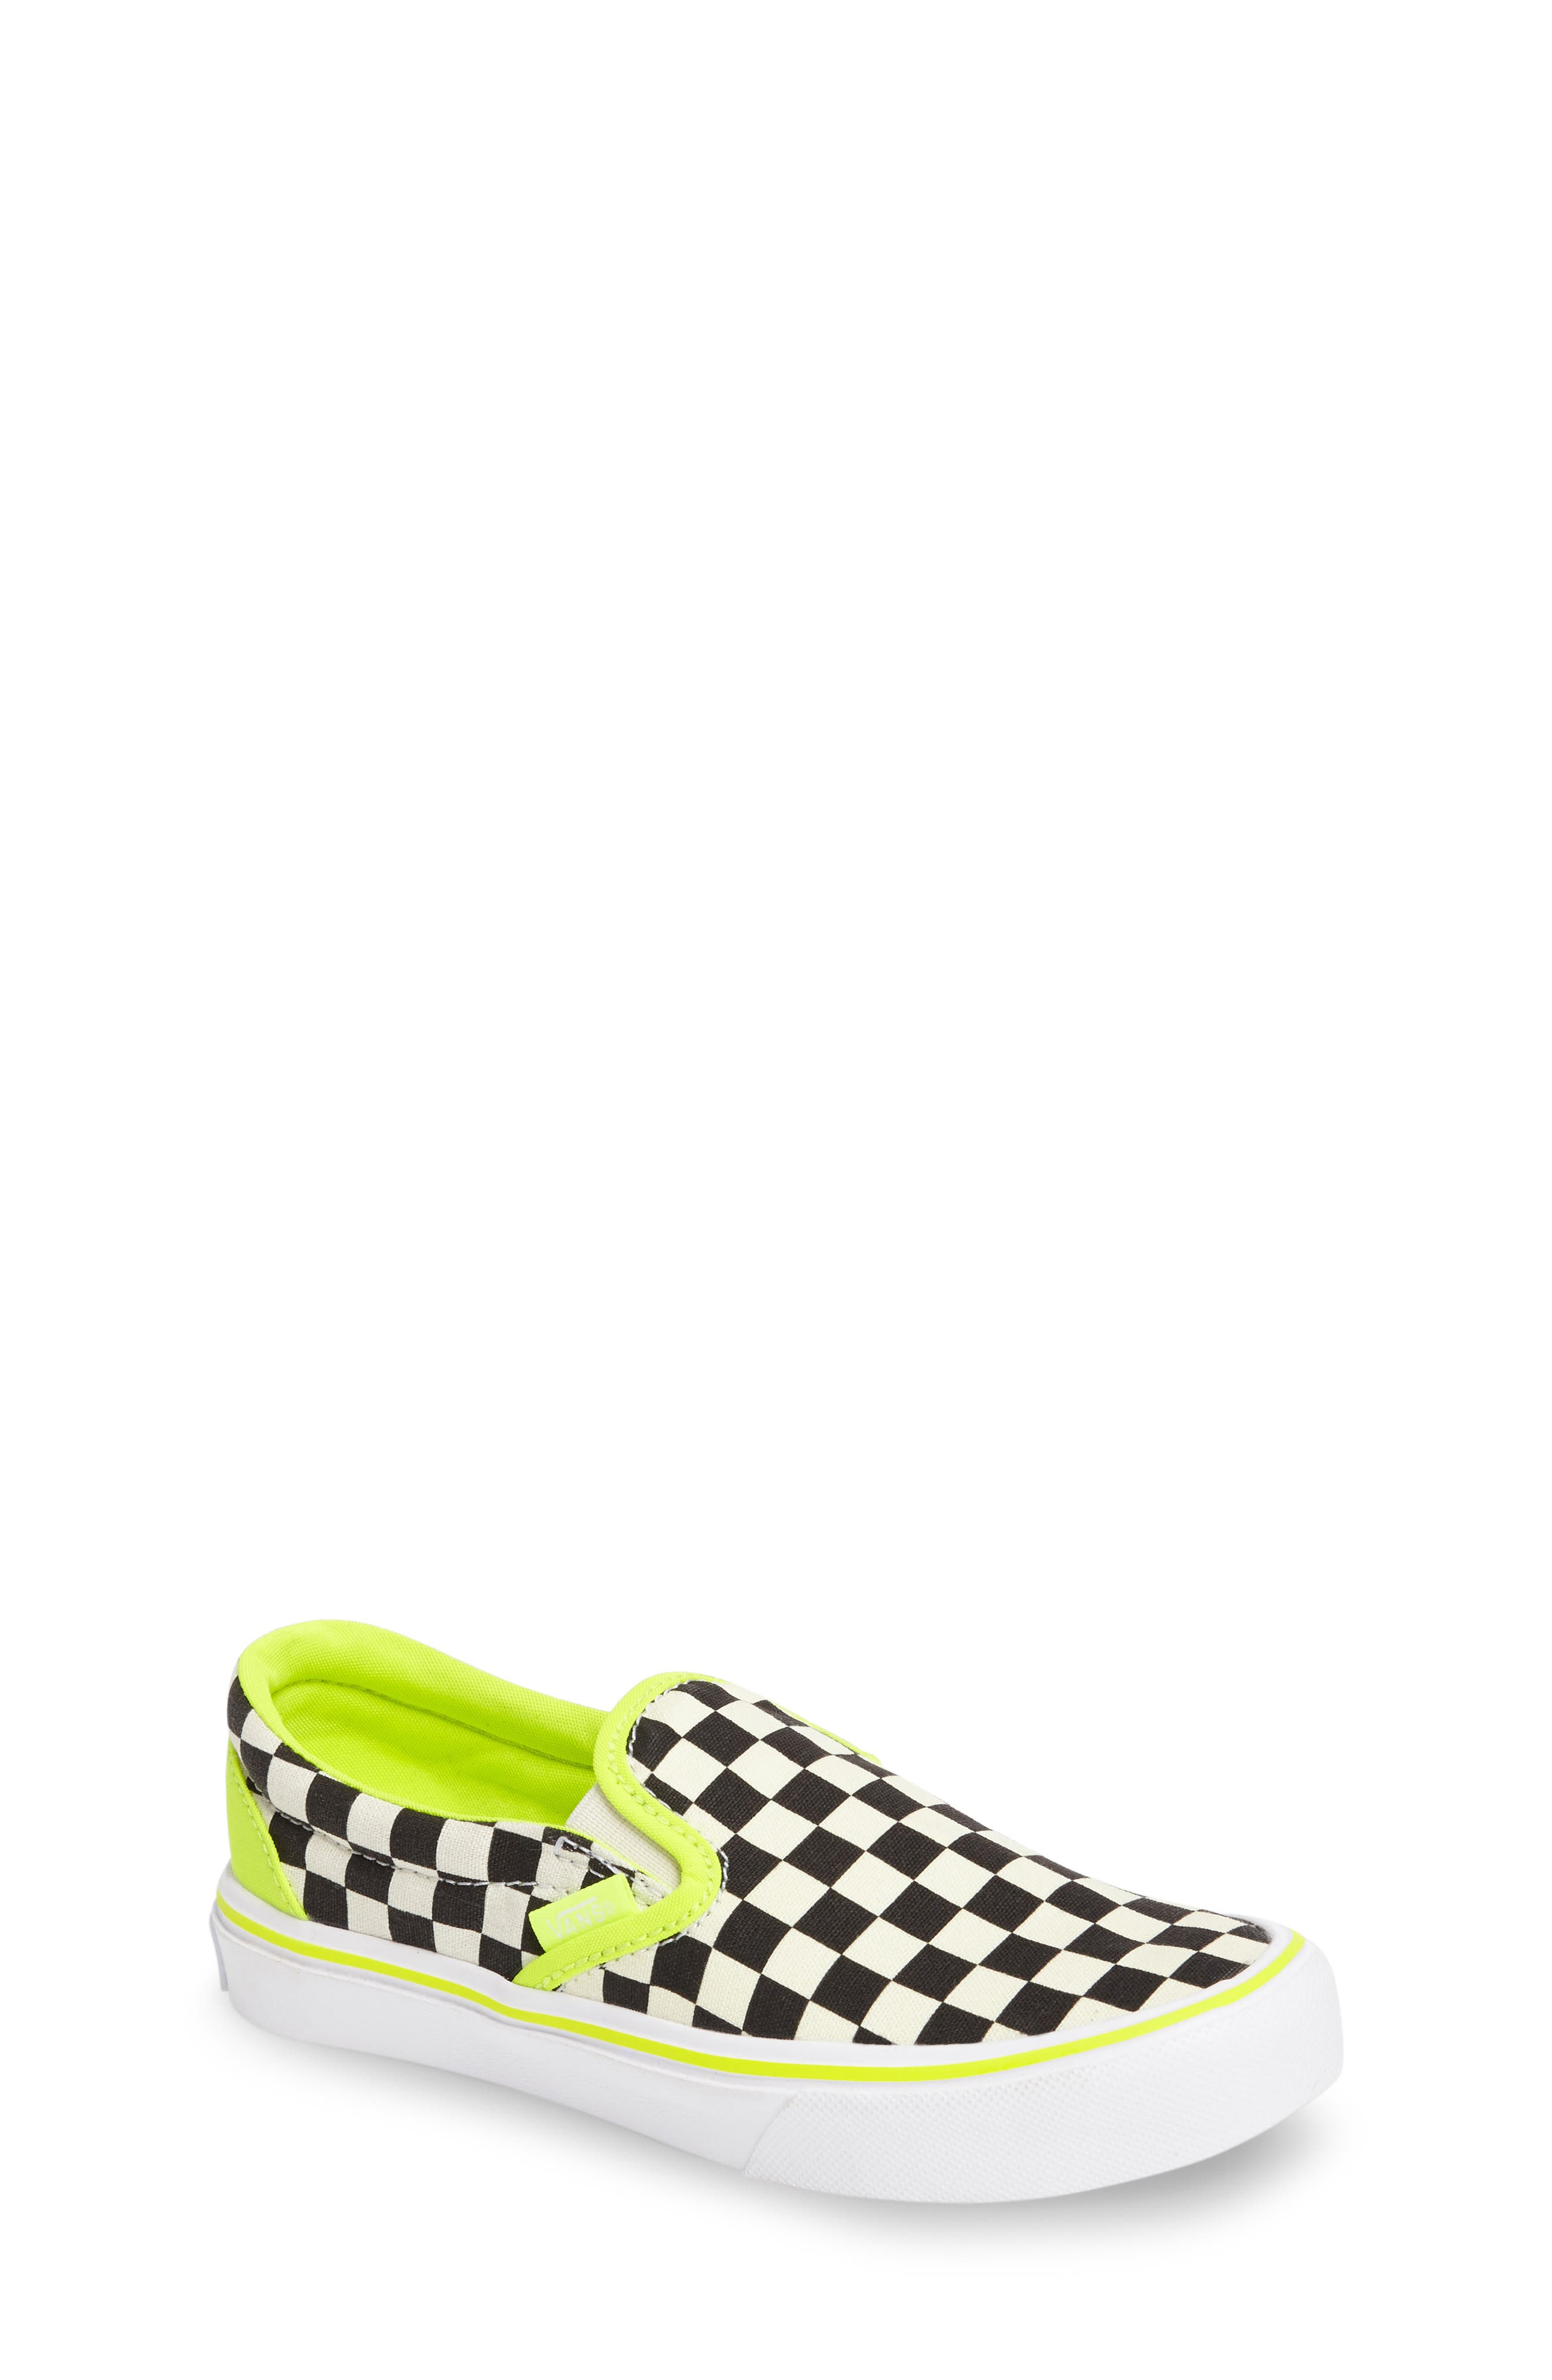 Alternate Image 1 Selected - Vans Classic Freshness Slip-On Lite Sneaker (Toddler, Little Kid & Big Kid)